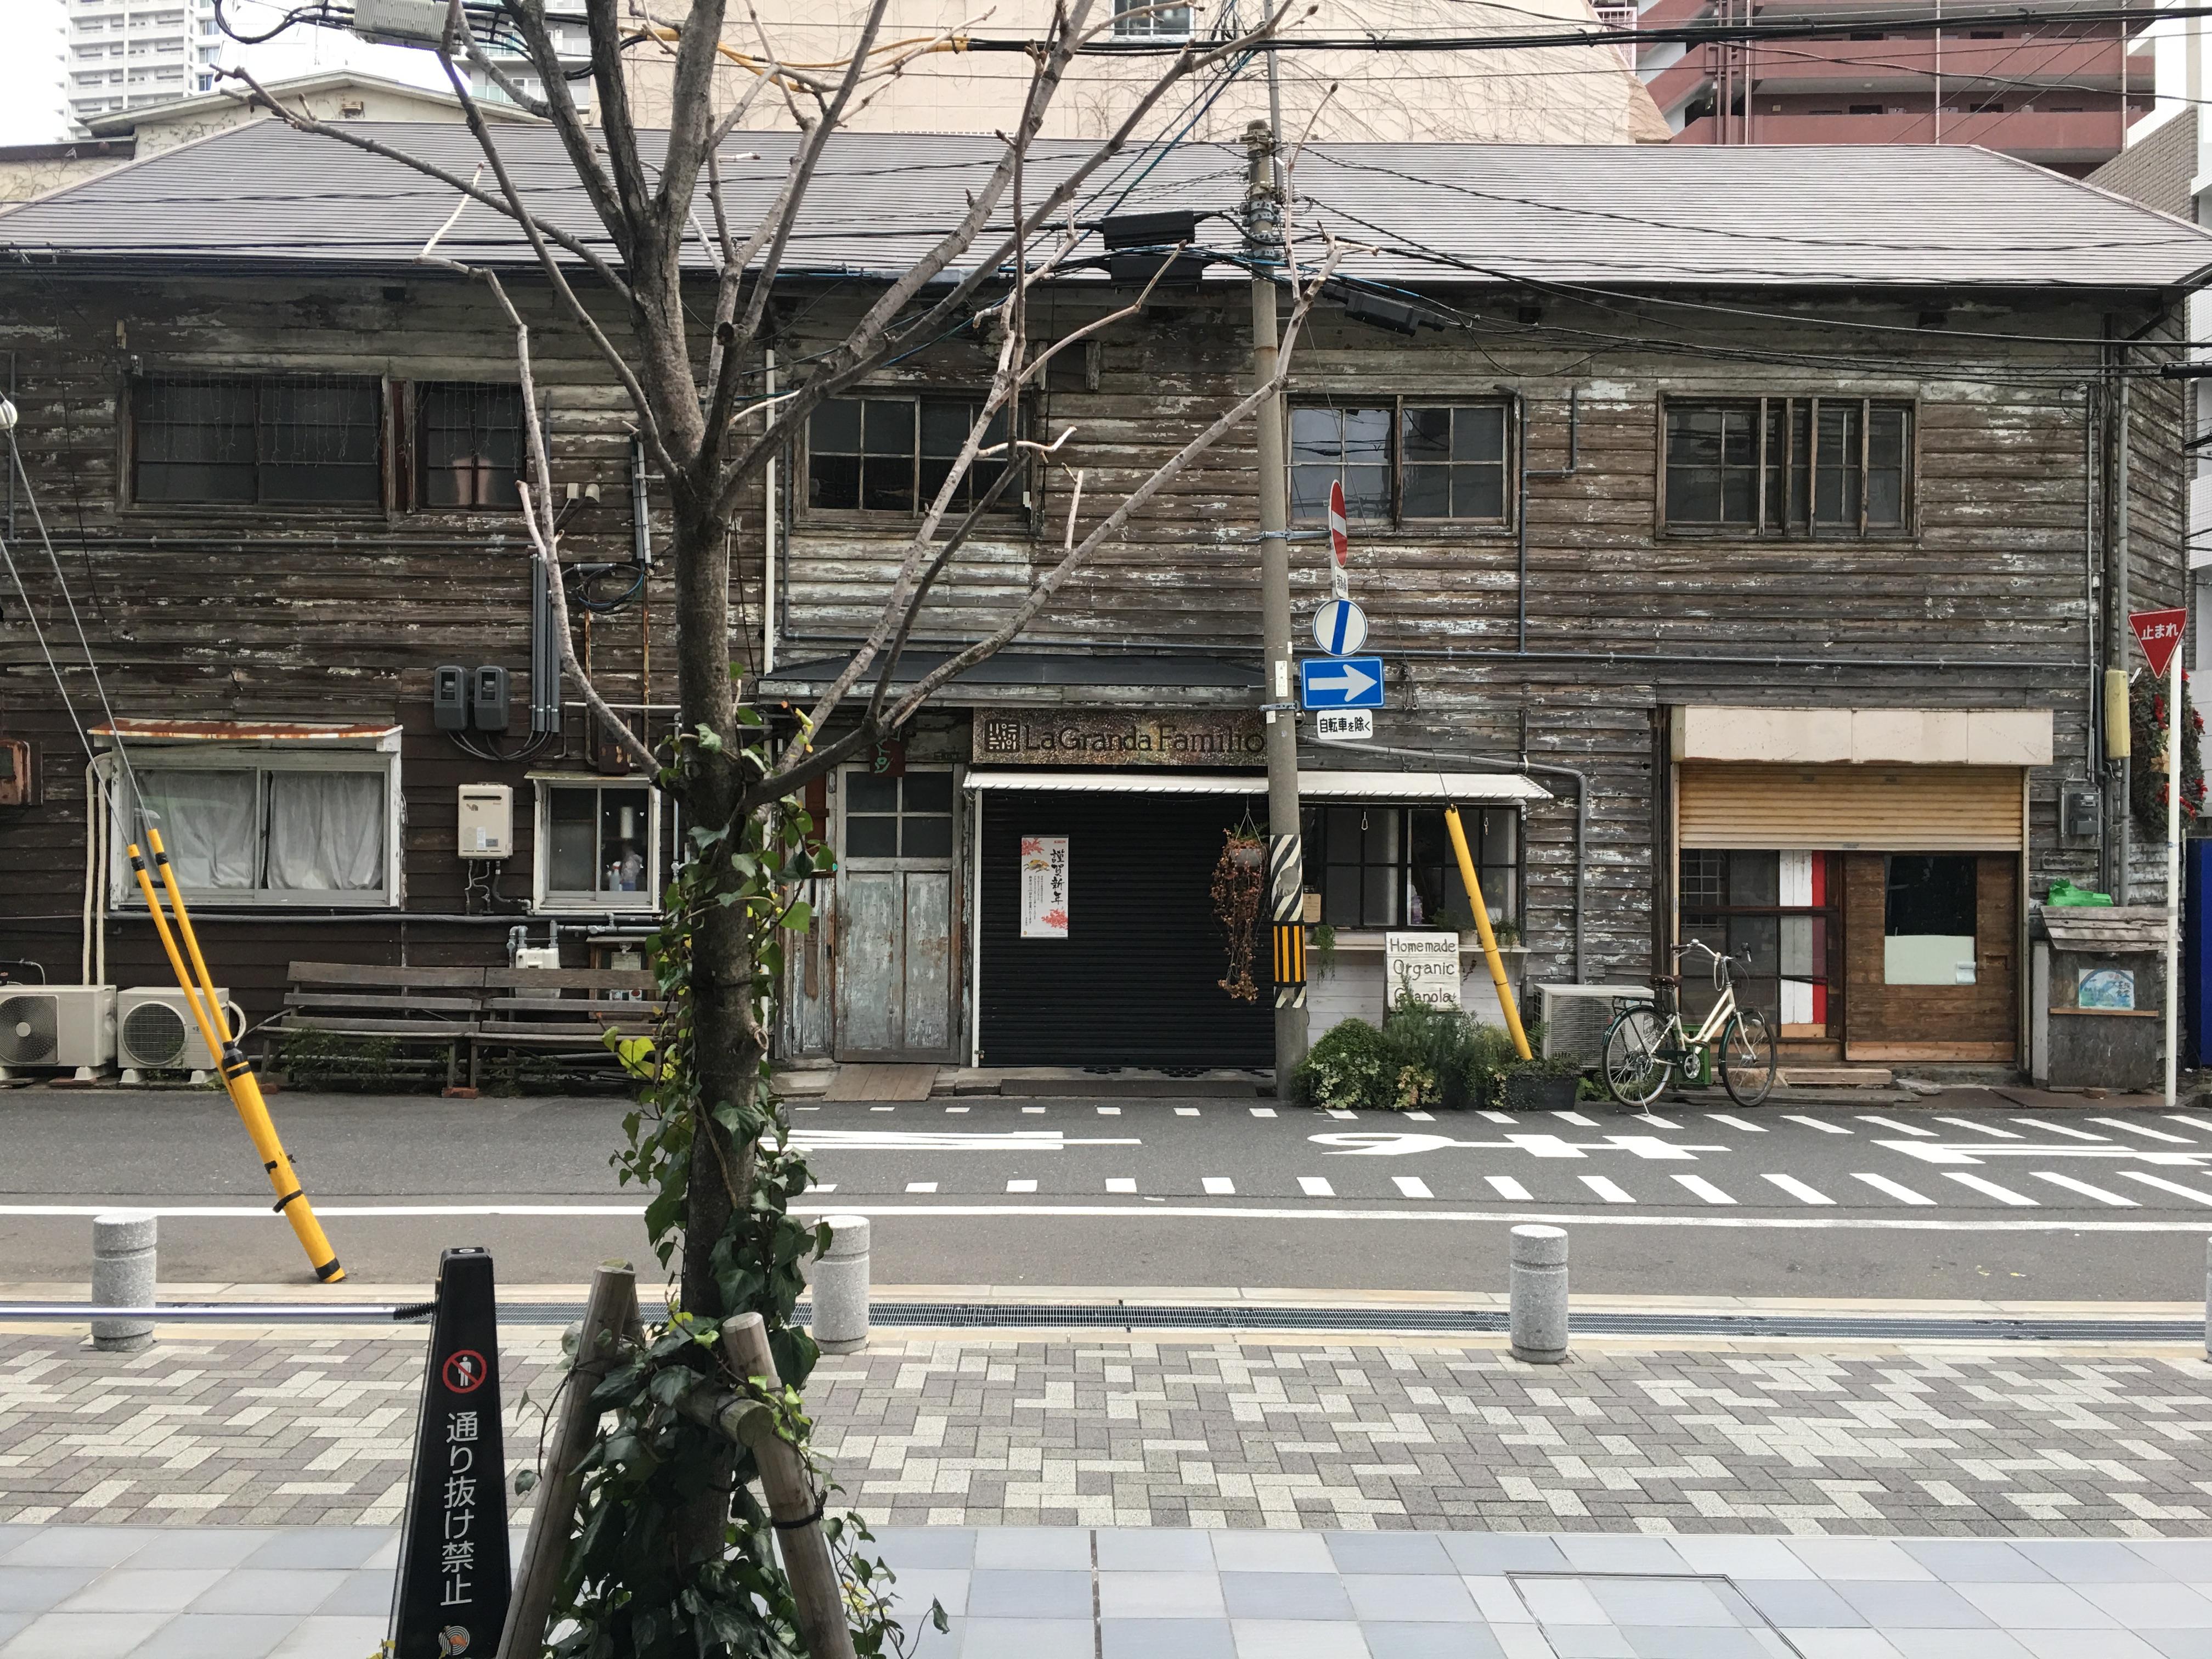 朱夏・天劇キネマトロンへの行き方(中崎町駅より)